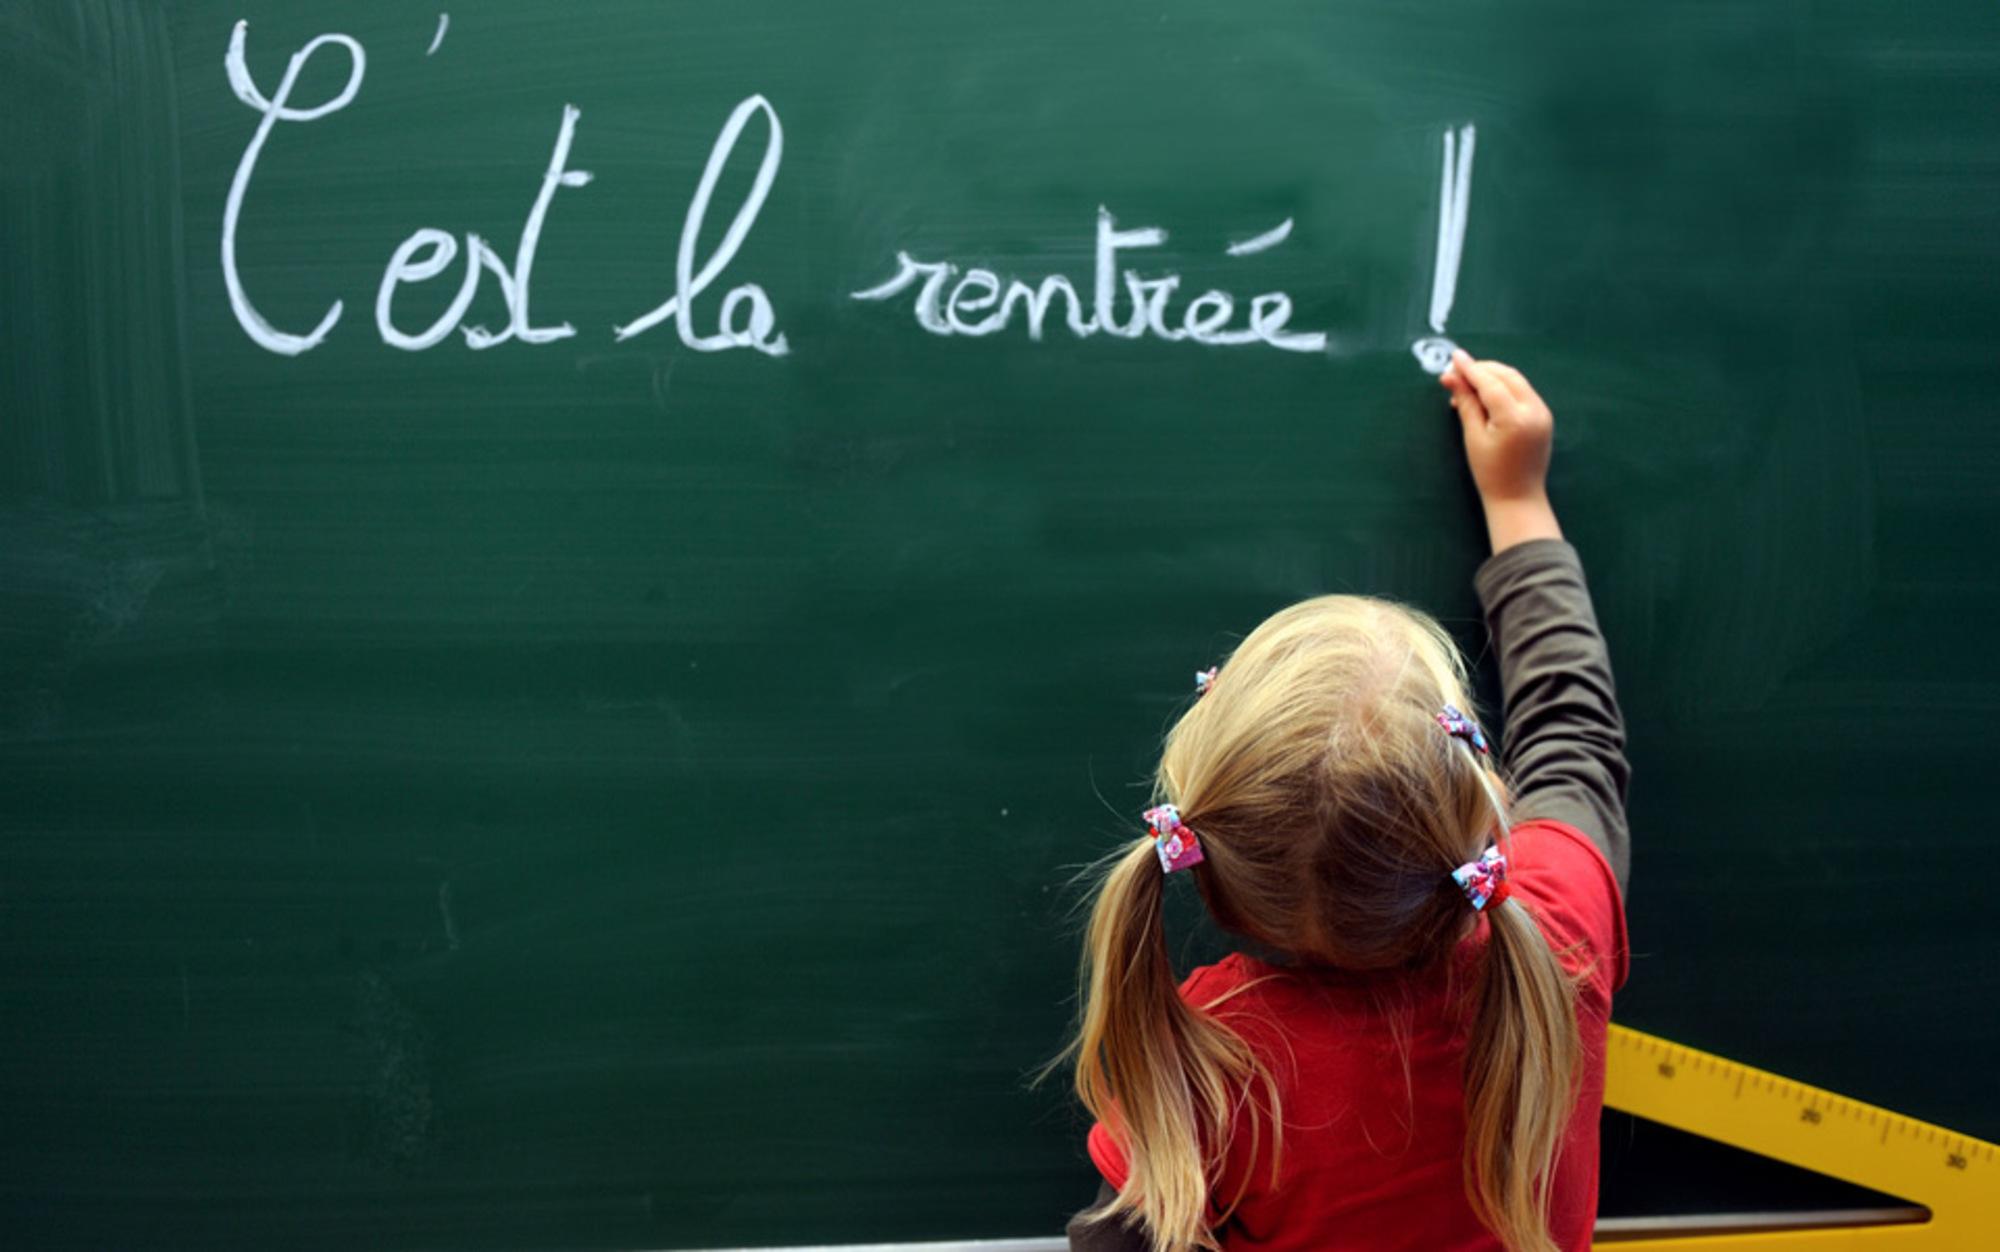 A monoglot world speaking mongrel English – Ben Faccini